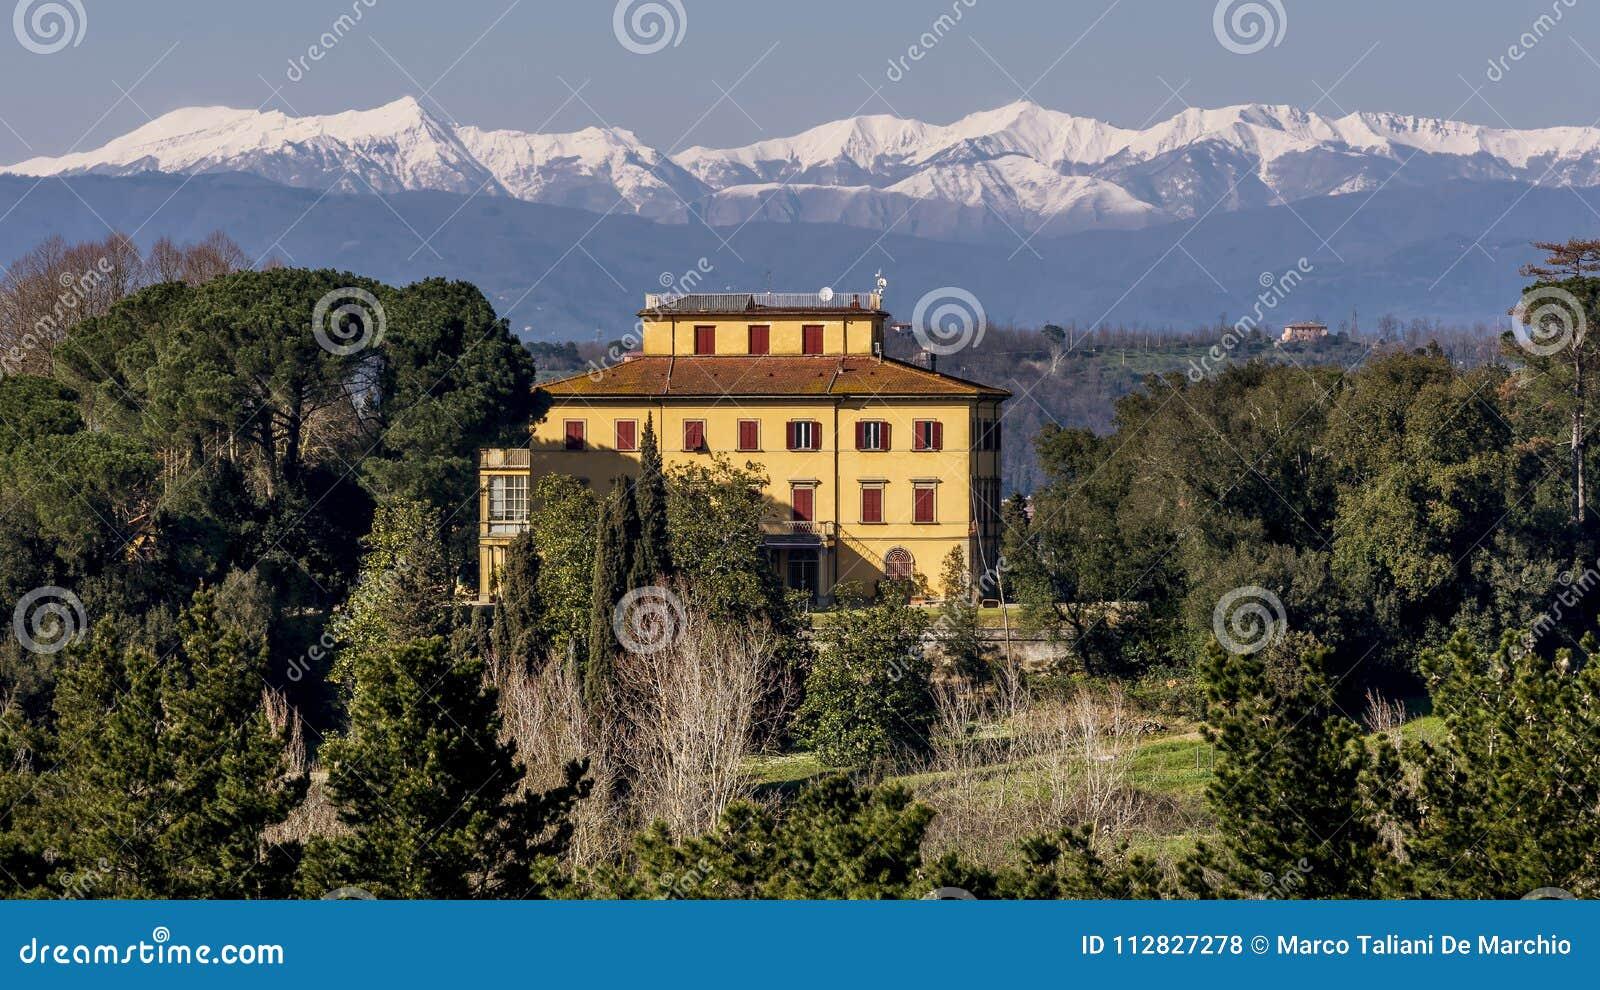 Casa senhorial bonita de Tuscan com as montanhas nevado no fundo, Pontedera, Pisa, Toscânia, Itália